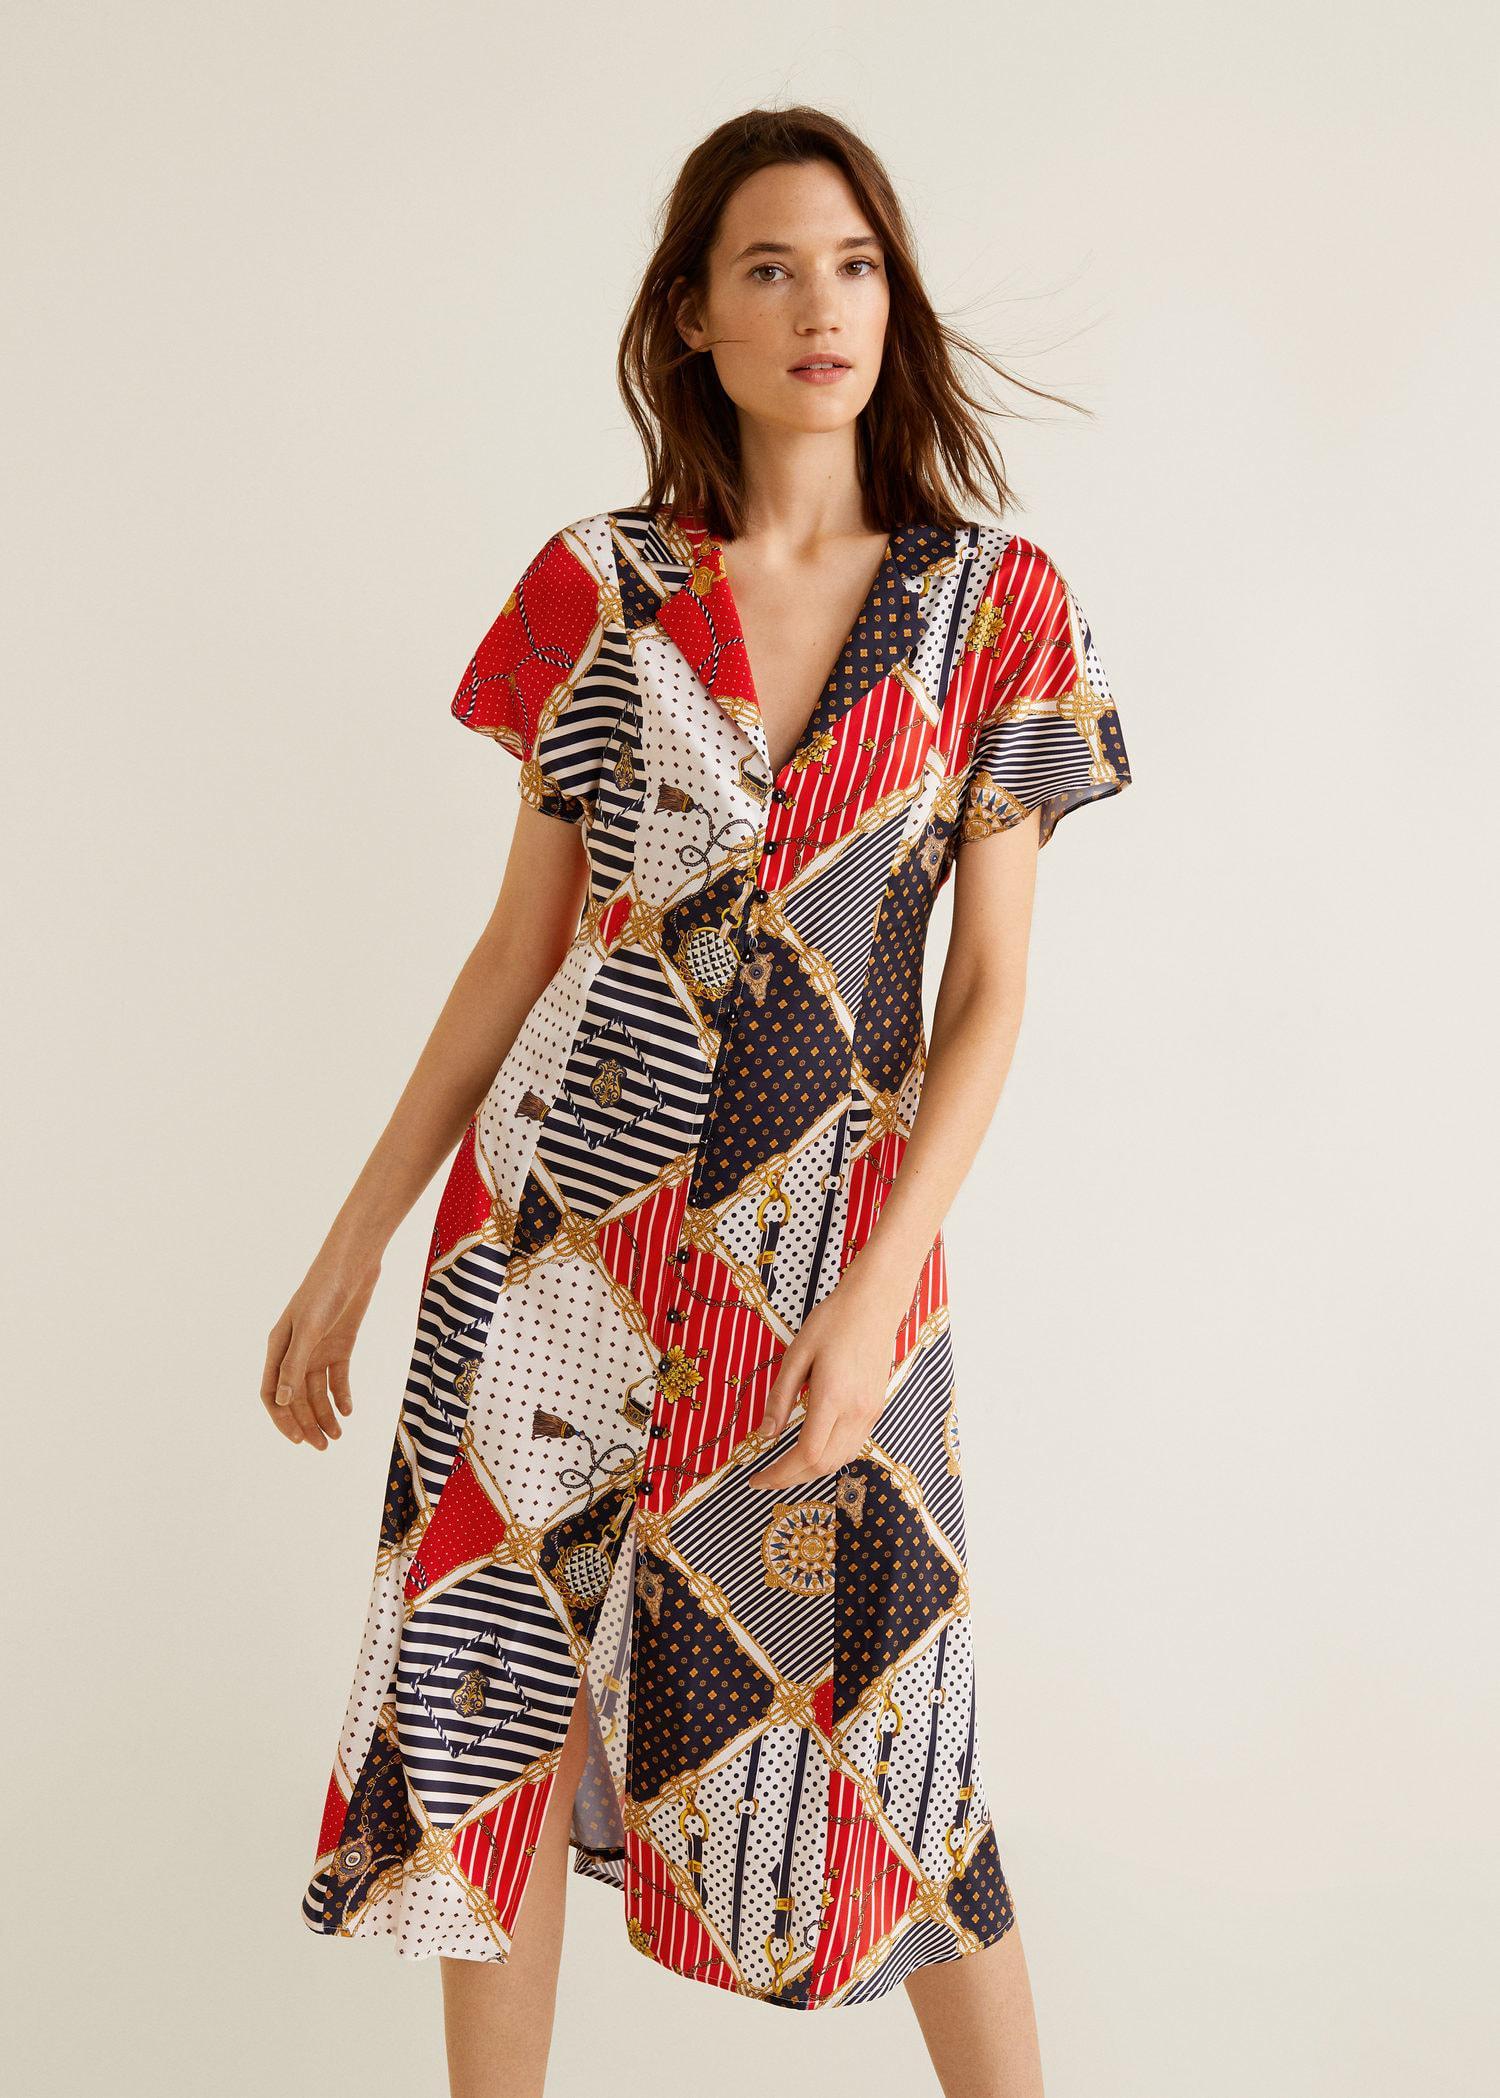 e713a4a625 Lyst - Mango Chain Print Dress in Red